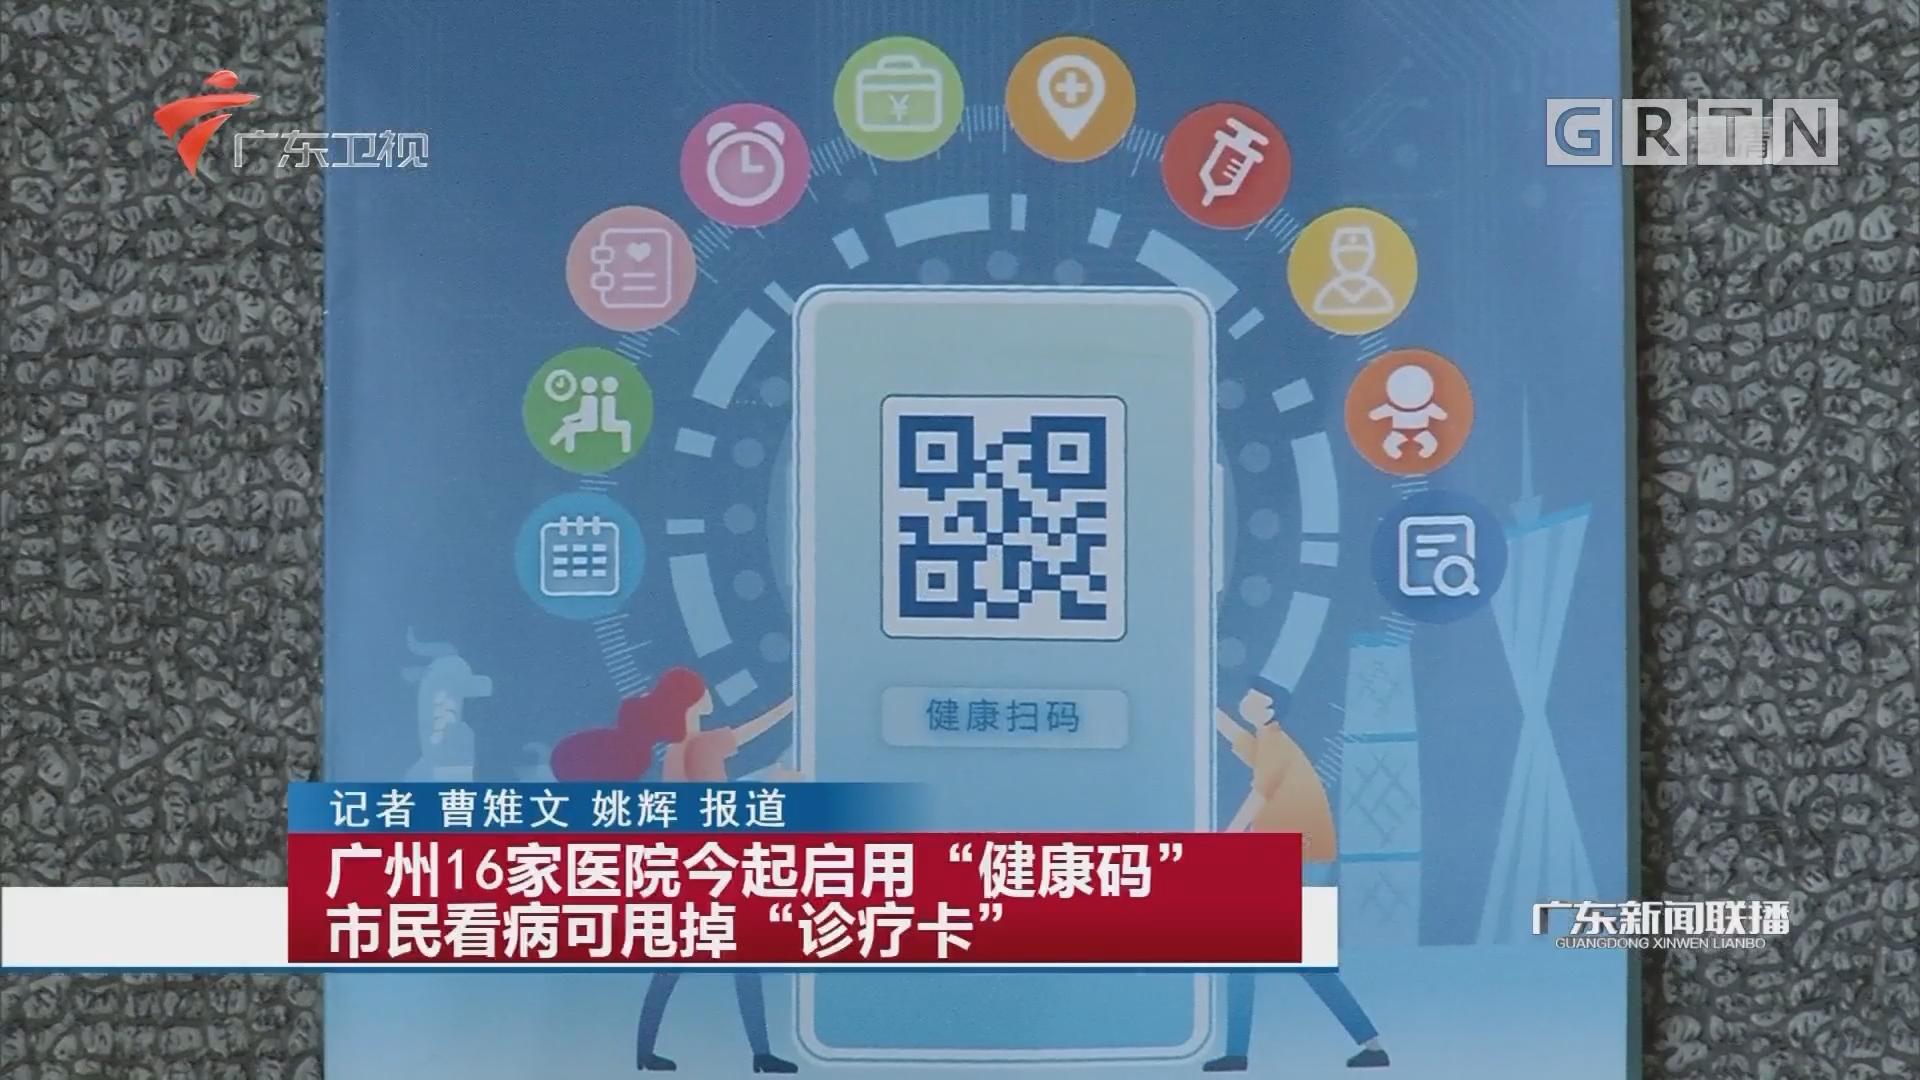 """廣州16家醫院今起啟用""""健康碼"""" 市民看病可甩掉""""診療卡"""""""